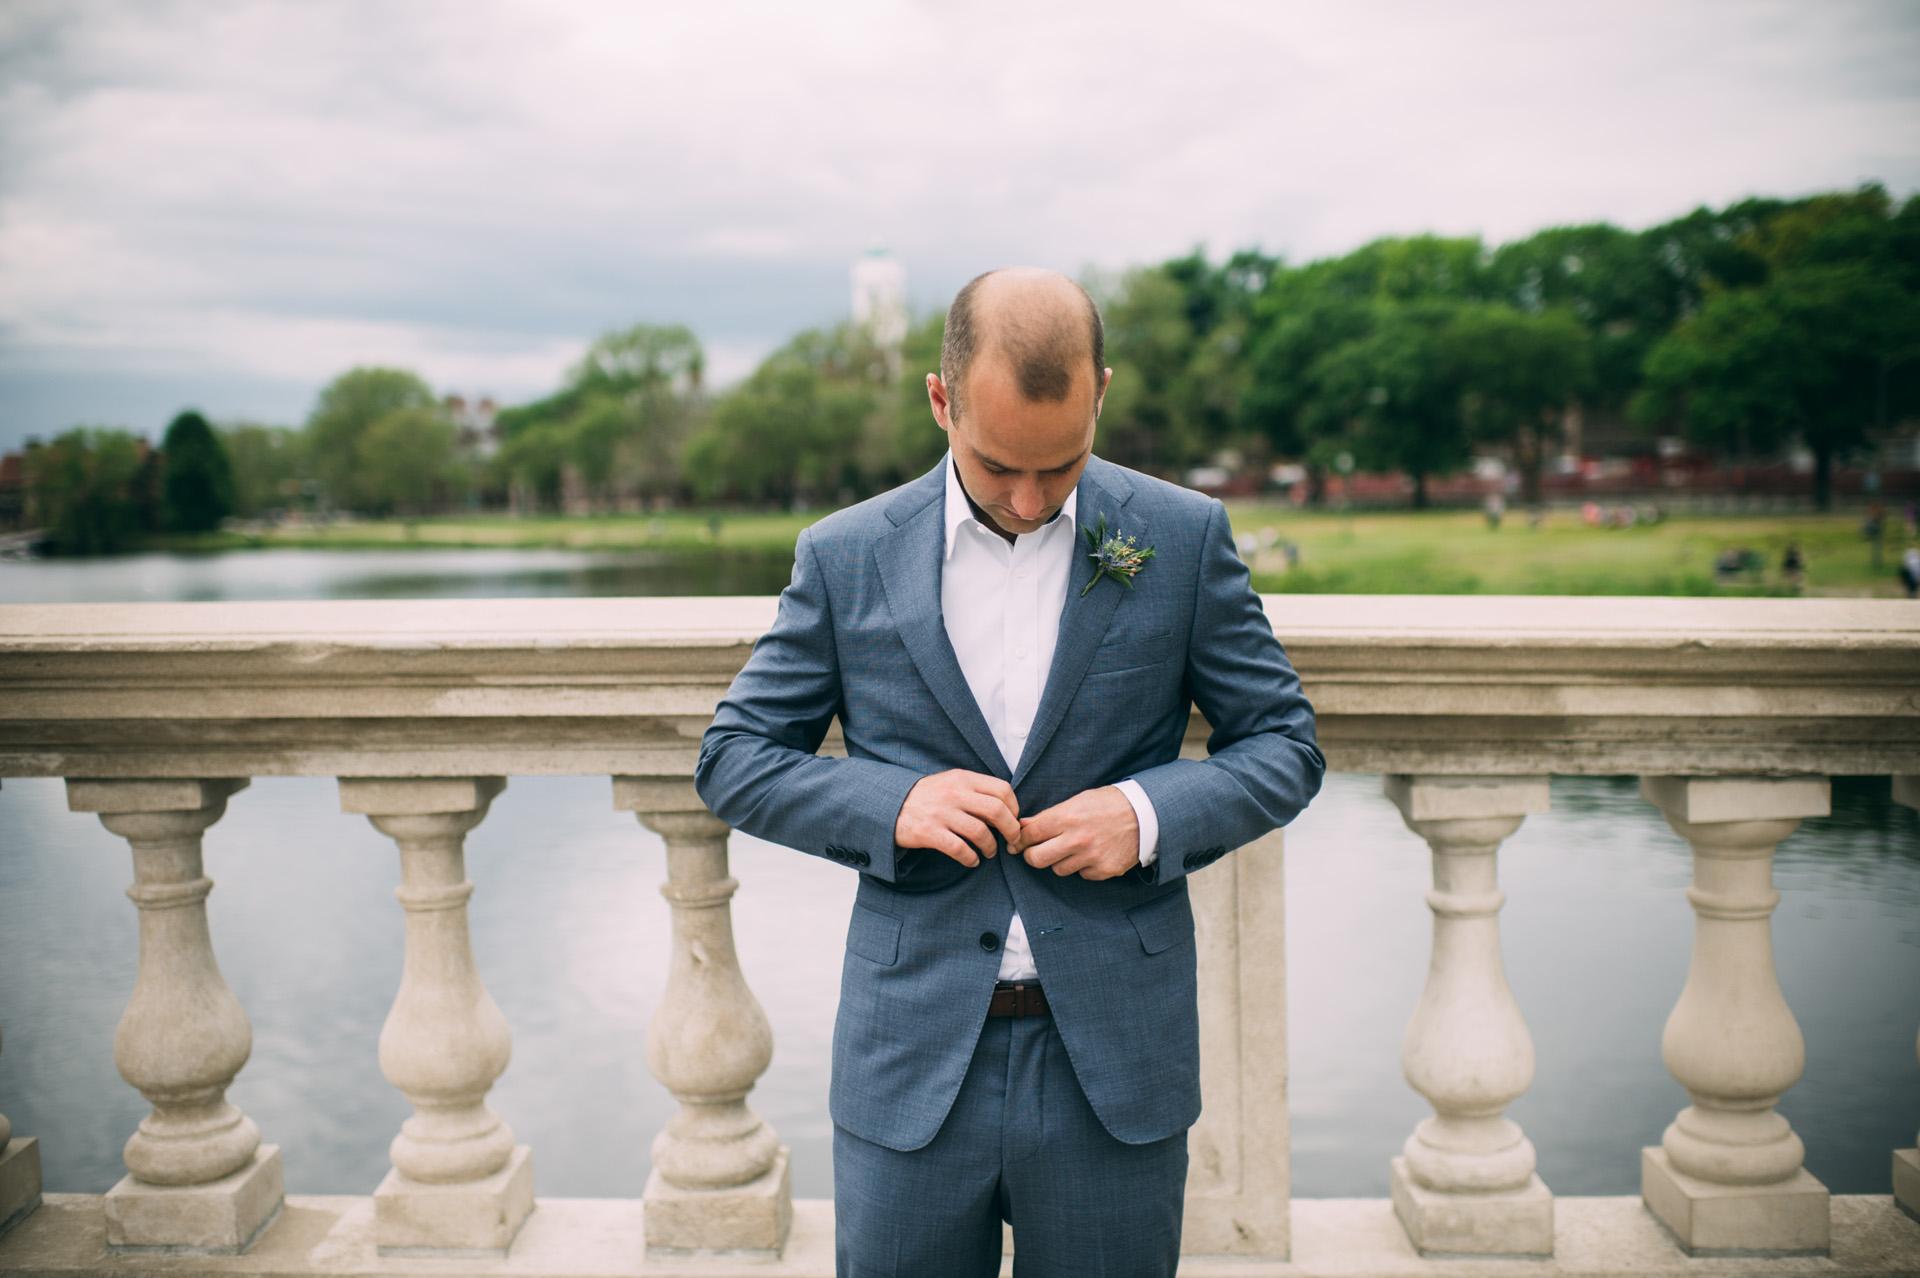 alden-harlow-wedding-photographer-11